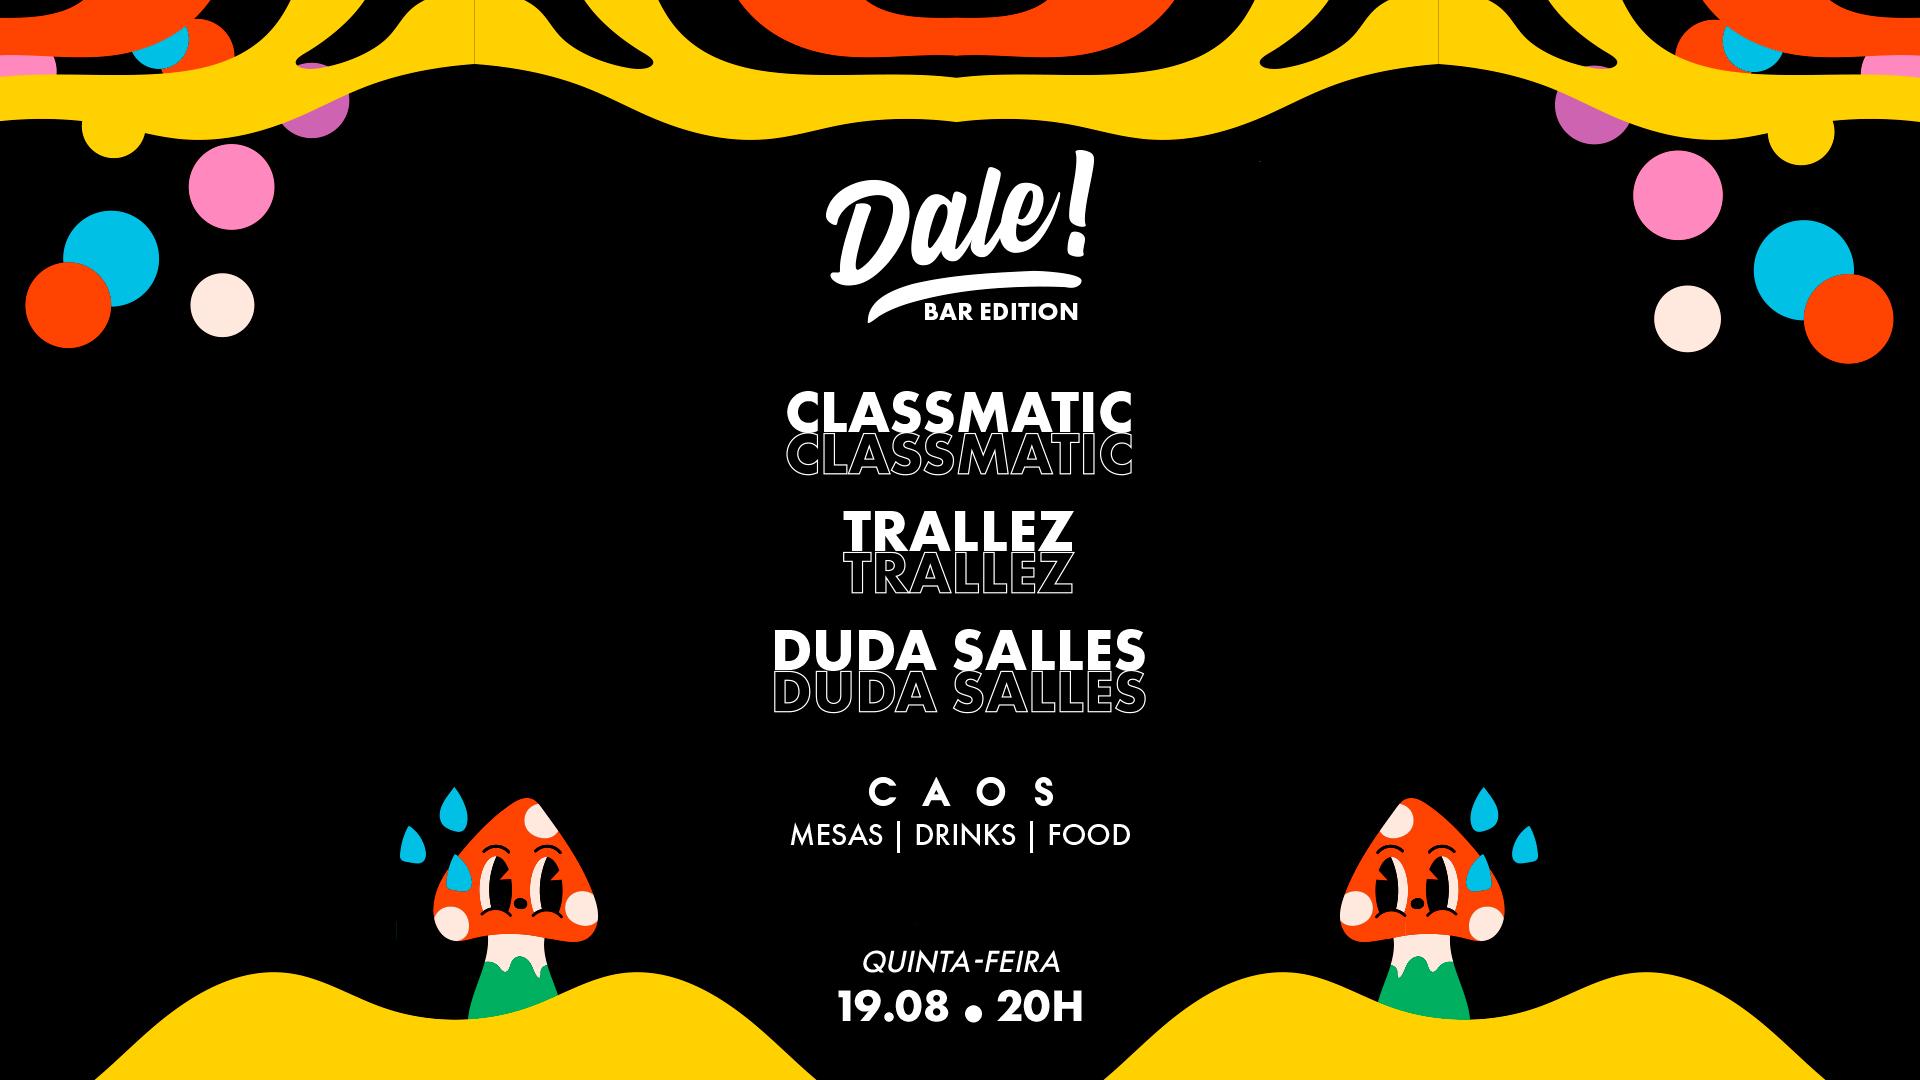 Dale! apresenta Classmatic